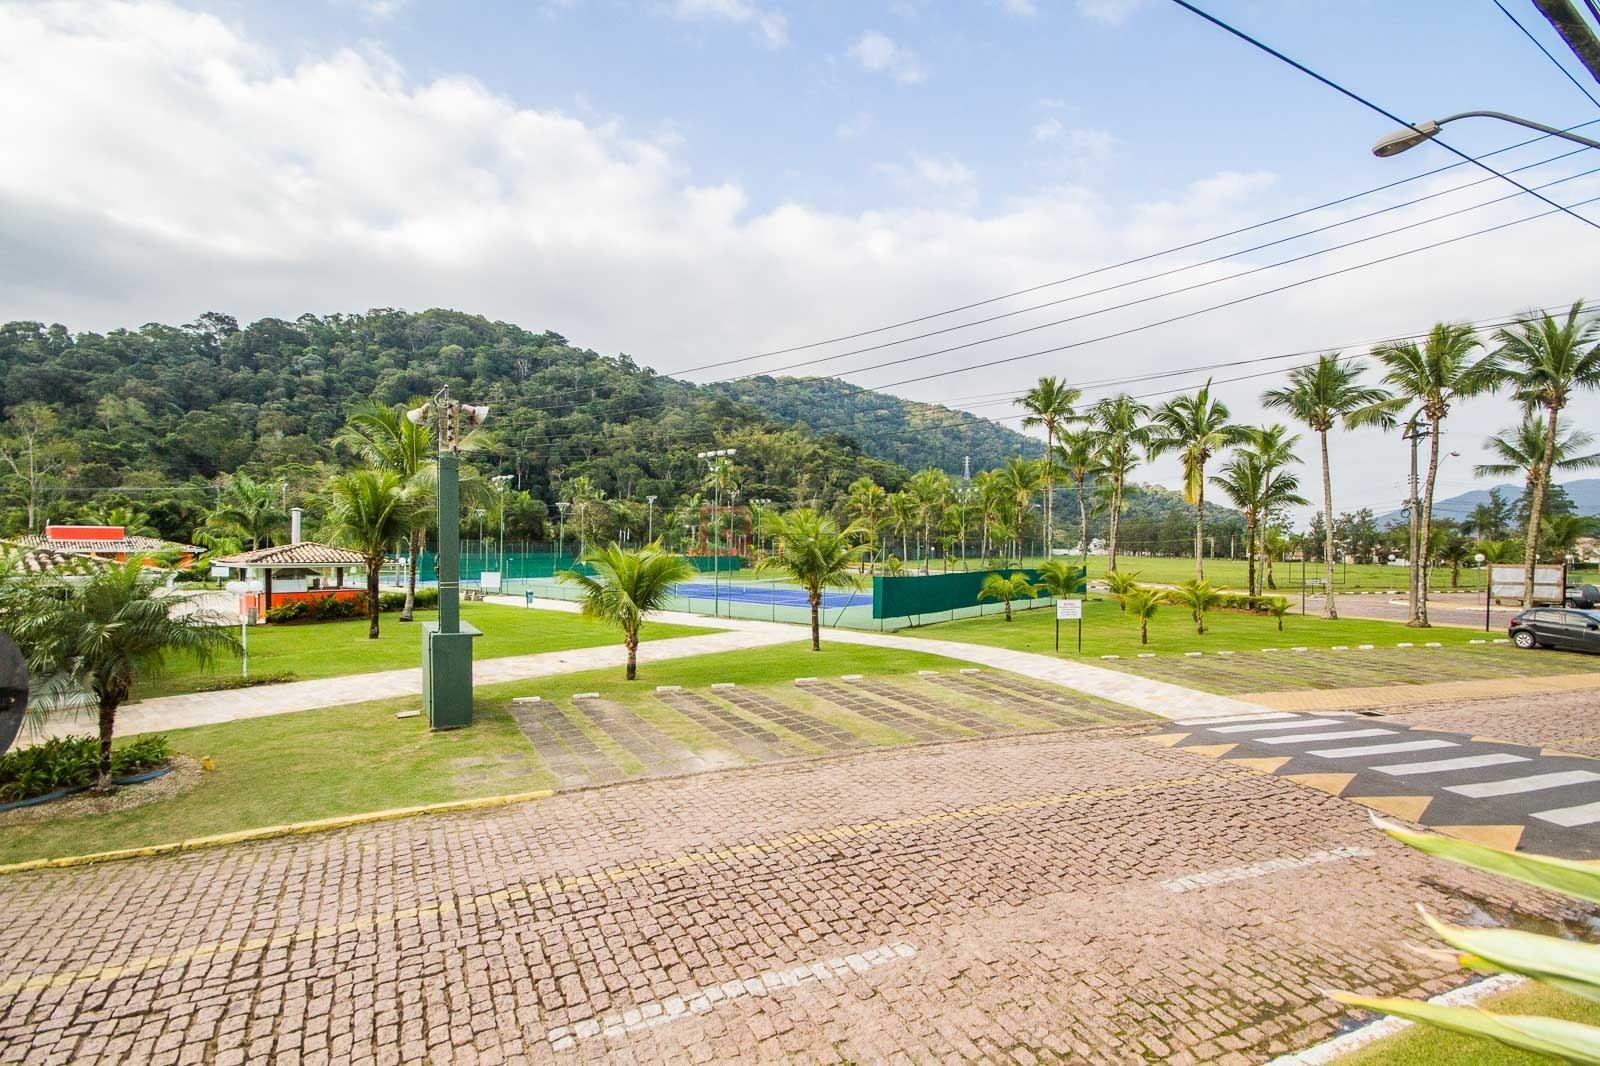 APARTAMENTO em Caraguatatuba, no bairro Tabatinga